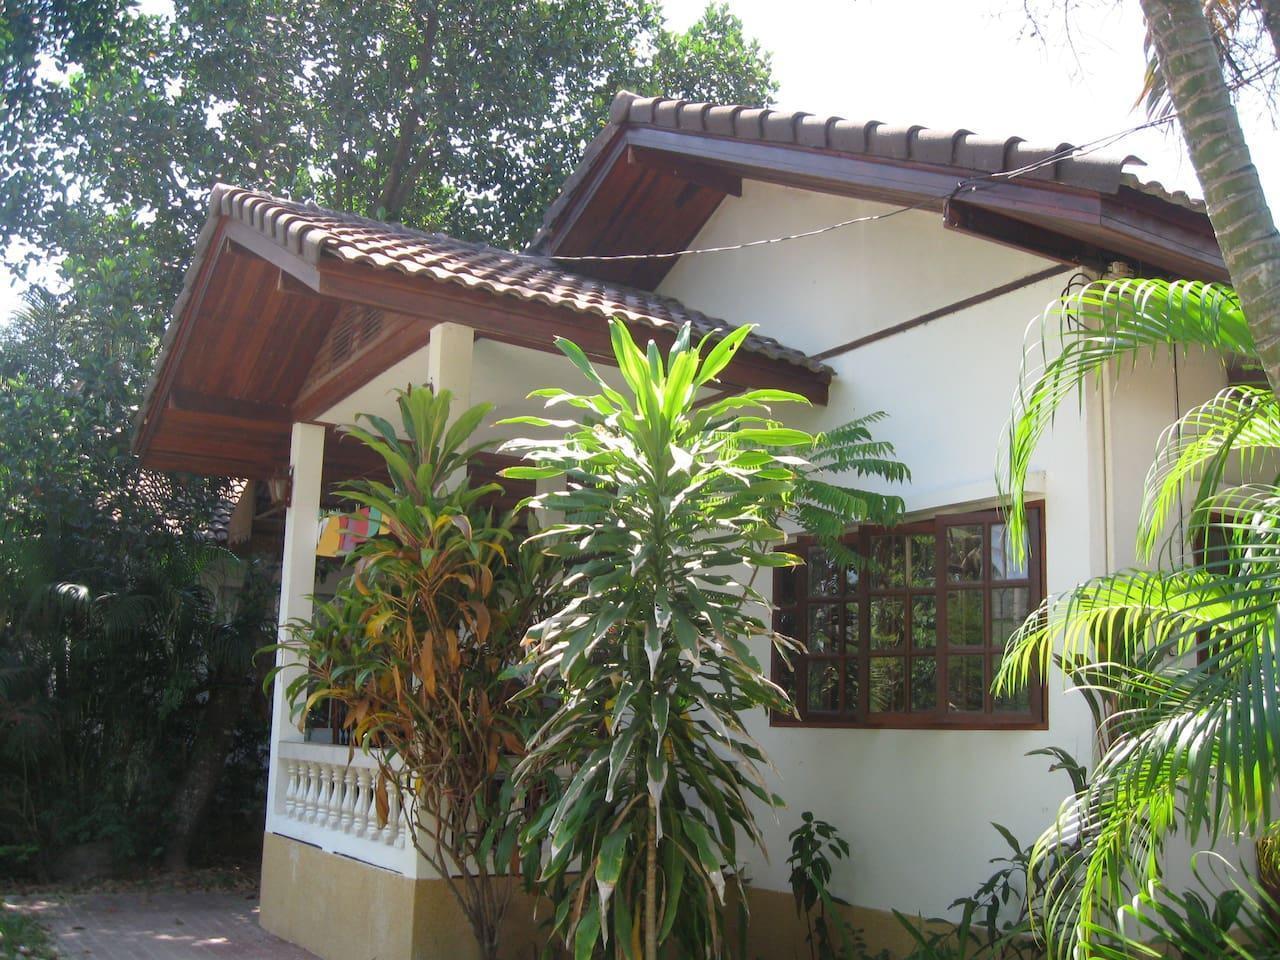 Bamboo Gardens #2 (2 Bedroom/1 Single) บ้านเดี่ยว 2 ห้องนอน 1 ห้องน้ำส่วนตัว ขนาด 70 ตร.ม. – แม่น้ำ